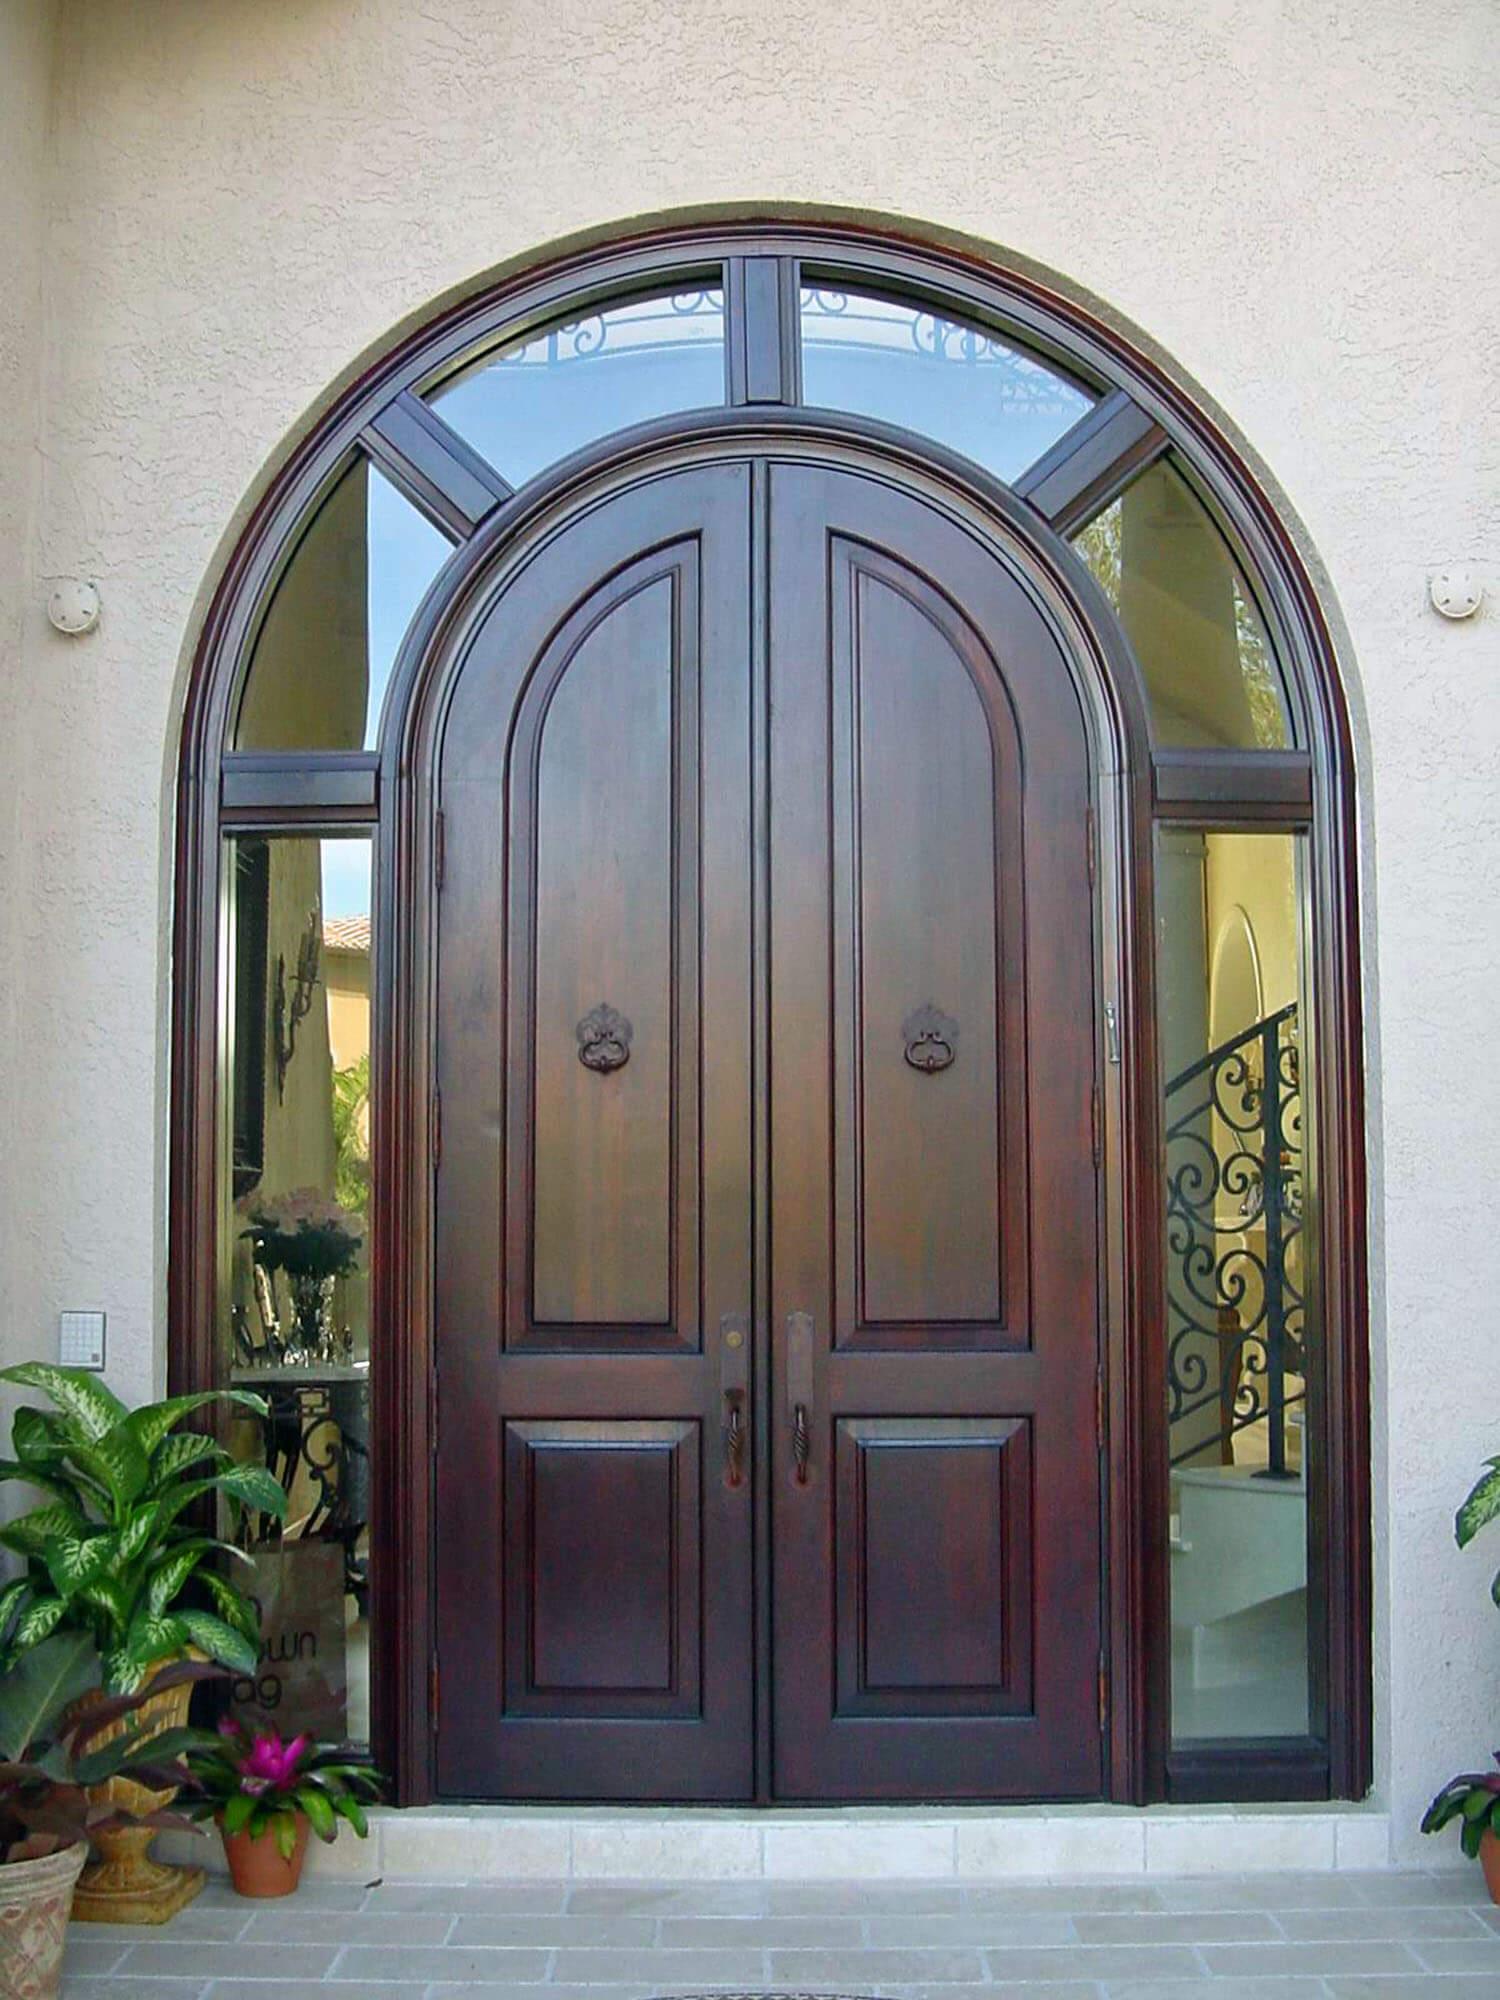 FRT. LAUDERDALE IMPACT MAHOGANY DOORS.